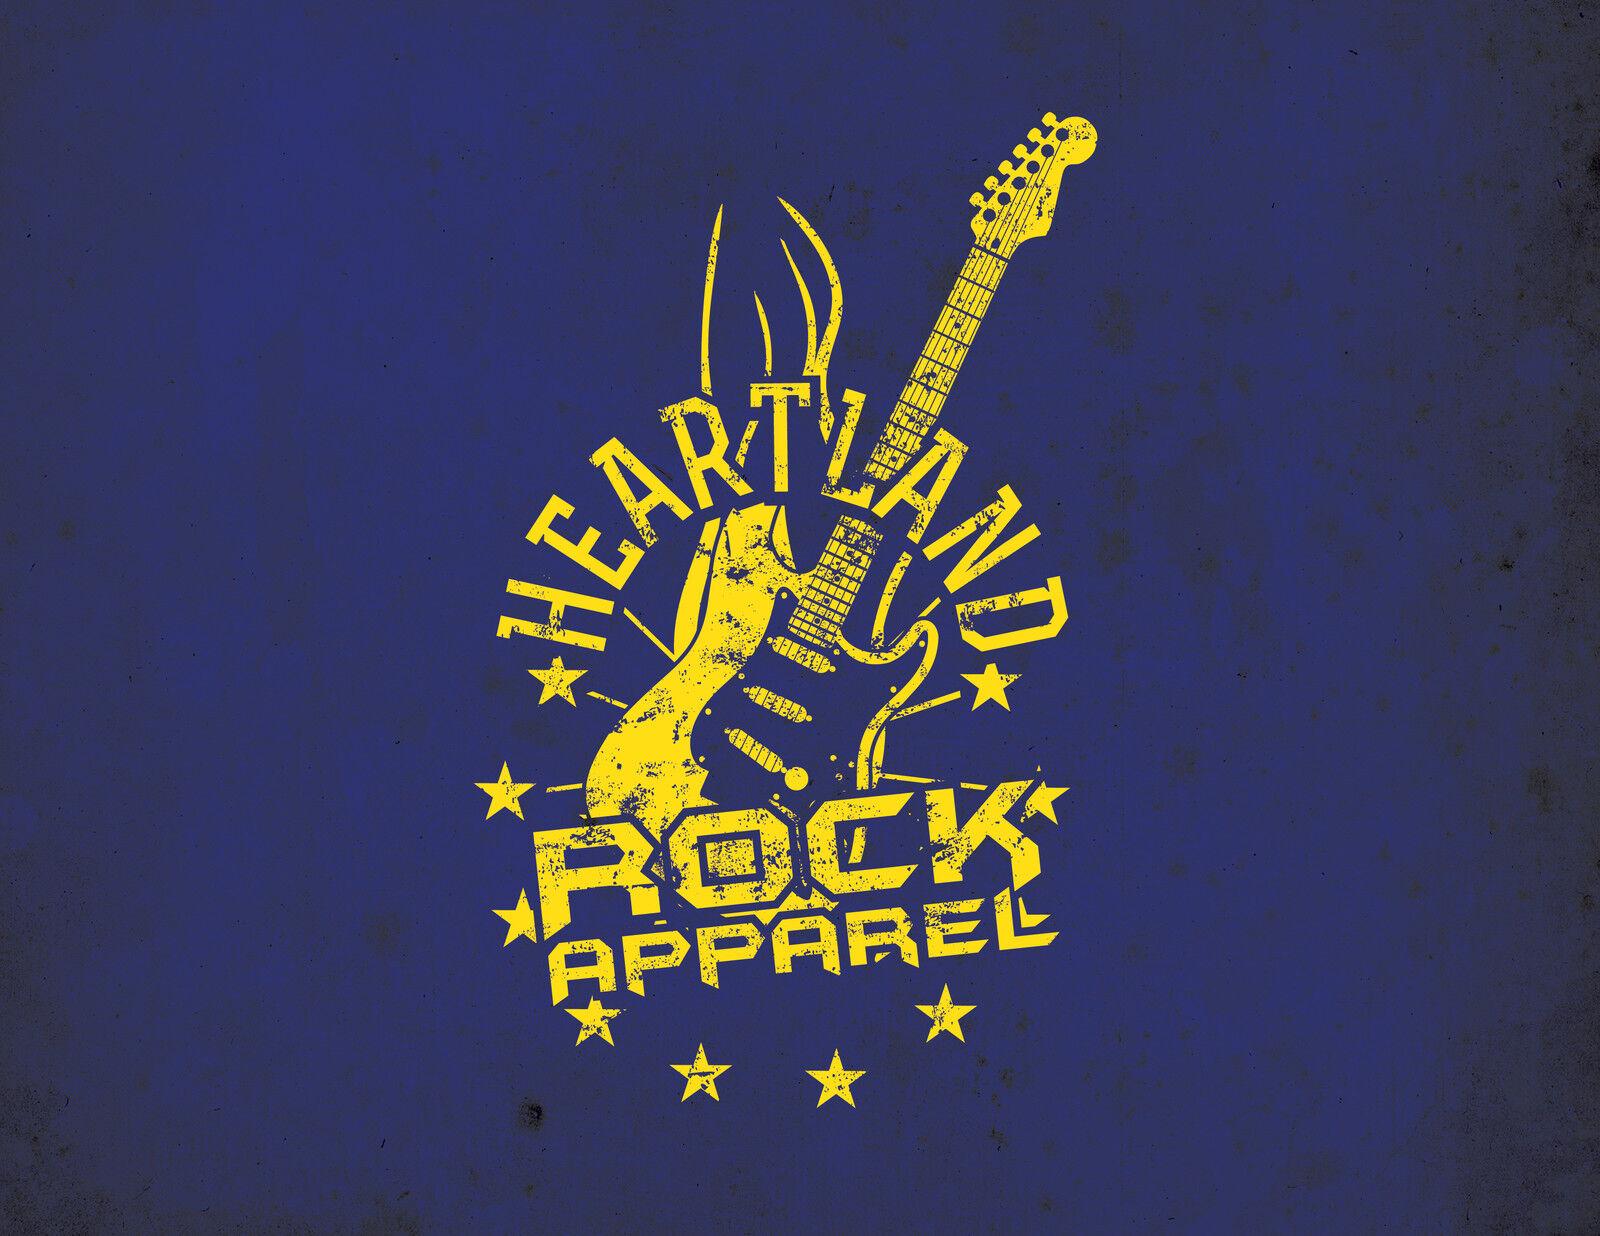 Heartland Rock Apparel